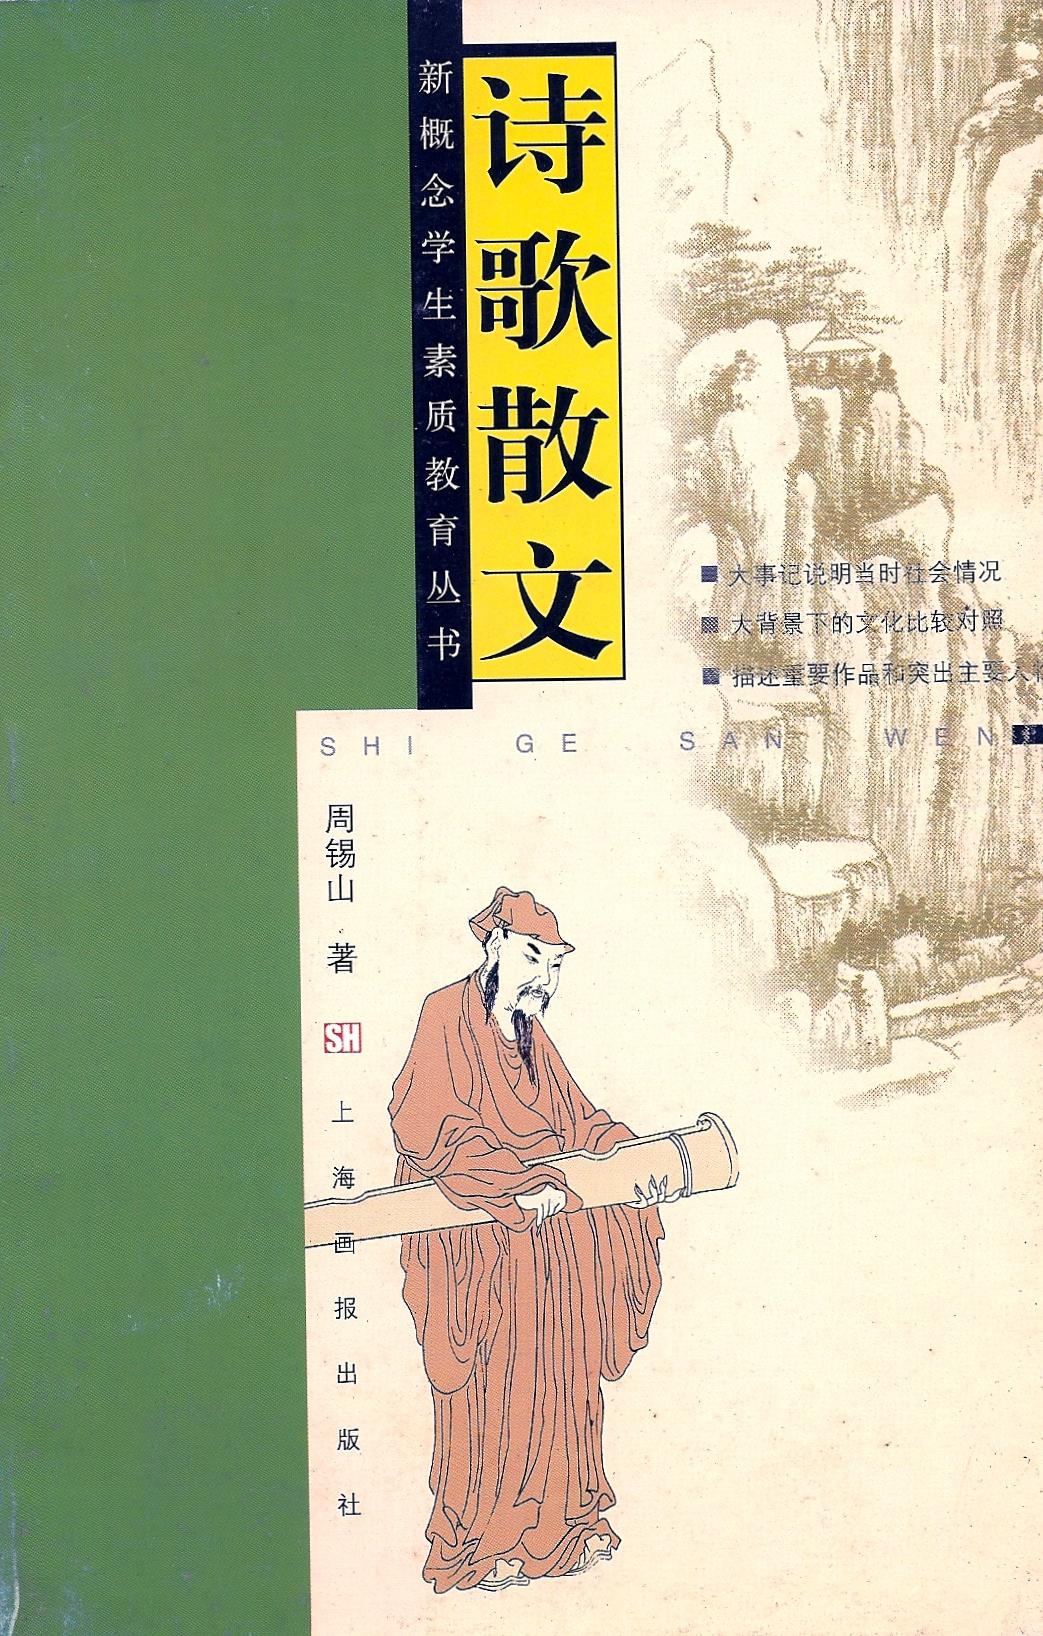 中国诗歌散文卷